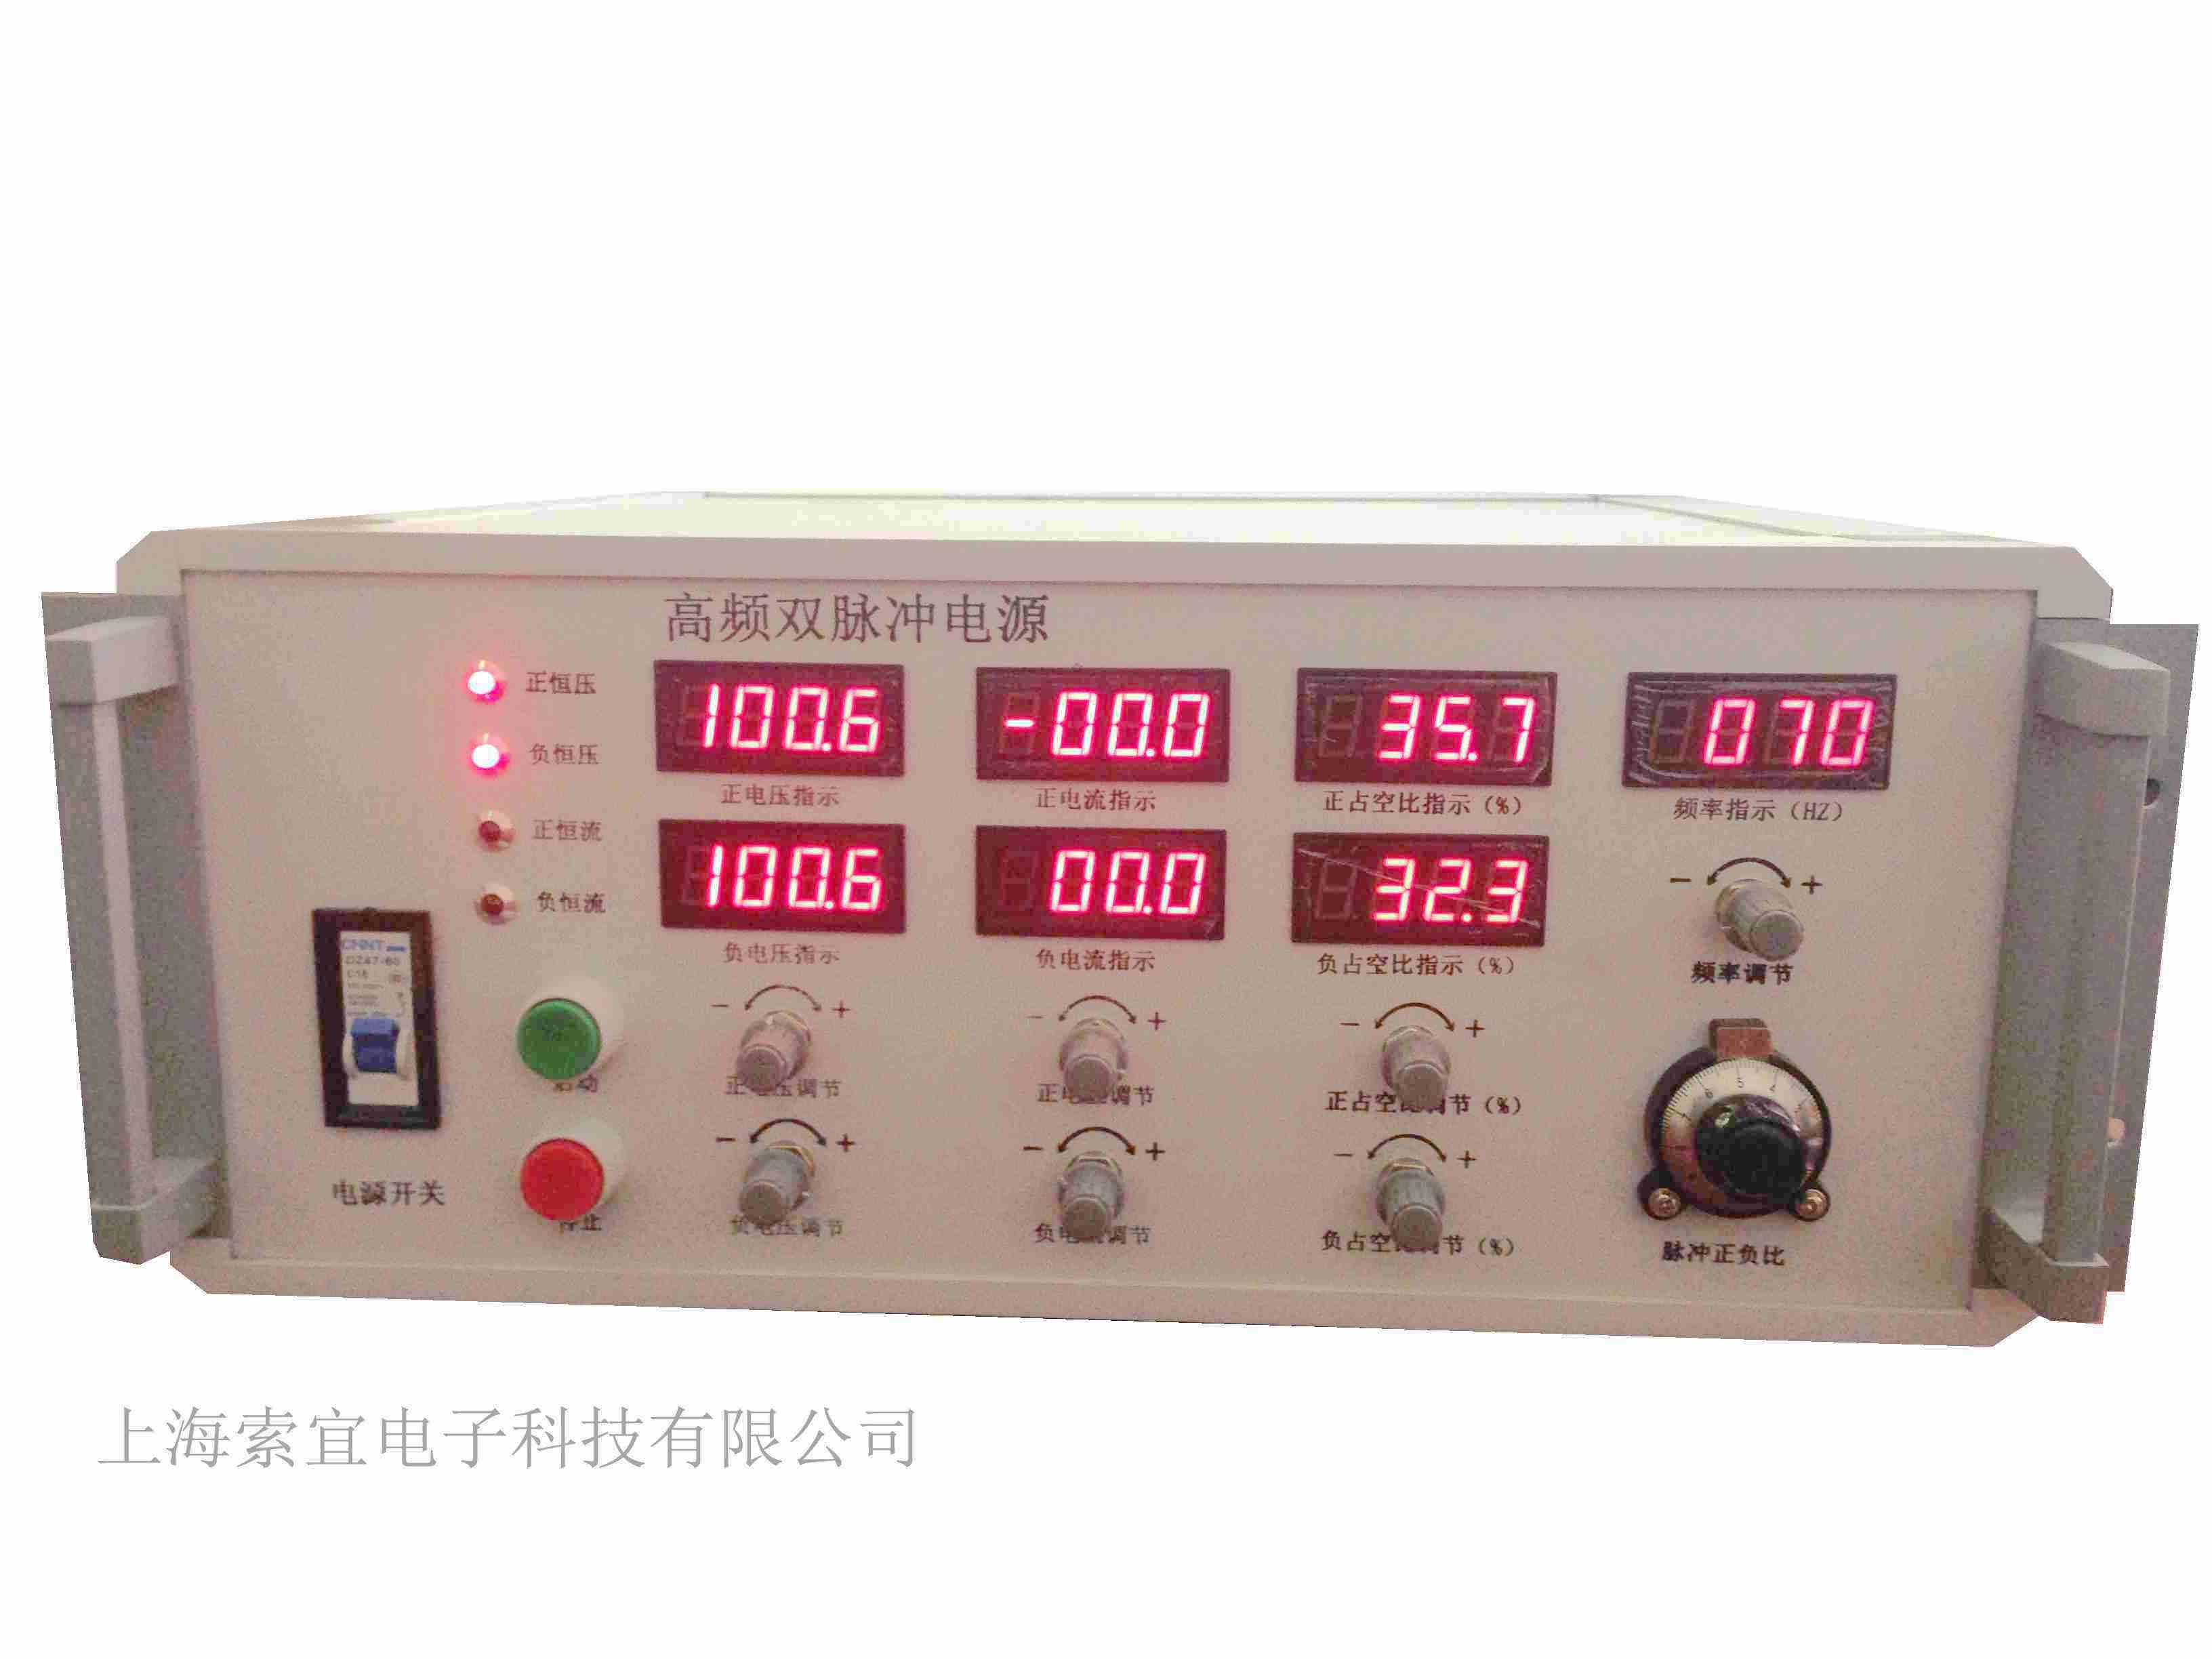 双脉冲电源简介 双脉冲电源有单正脉冲和双正、负脉冲电源,采用独特的调制技术,数字化控制。正向脉冲开启宽度(T+)和负向脉冲开启时间宽度(T-)可分别在全周期内调节。正向电流、电压调节、负向电流、电压均可独立调节。当电流导通时,脉冲(峰值)电流相当于普通直流电流的几倍甚至几十倍,正是这个瞬时高电流密度使金属离子在极高的过电位下还原,从而使沉积层晶粒变细;当电流关断时,阴极区附近放电离子又恢复到初始浓度,浓差极化消除,这利于下一个脉冲同期继续使用高的脉冲(峰值)电流密度,同时关断期内还伴有对沉积层有利的重结晶